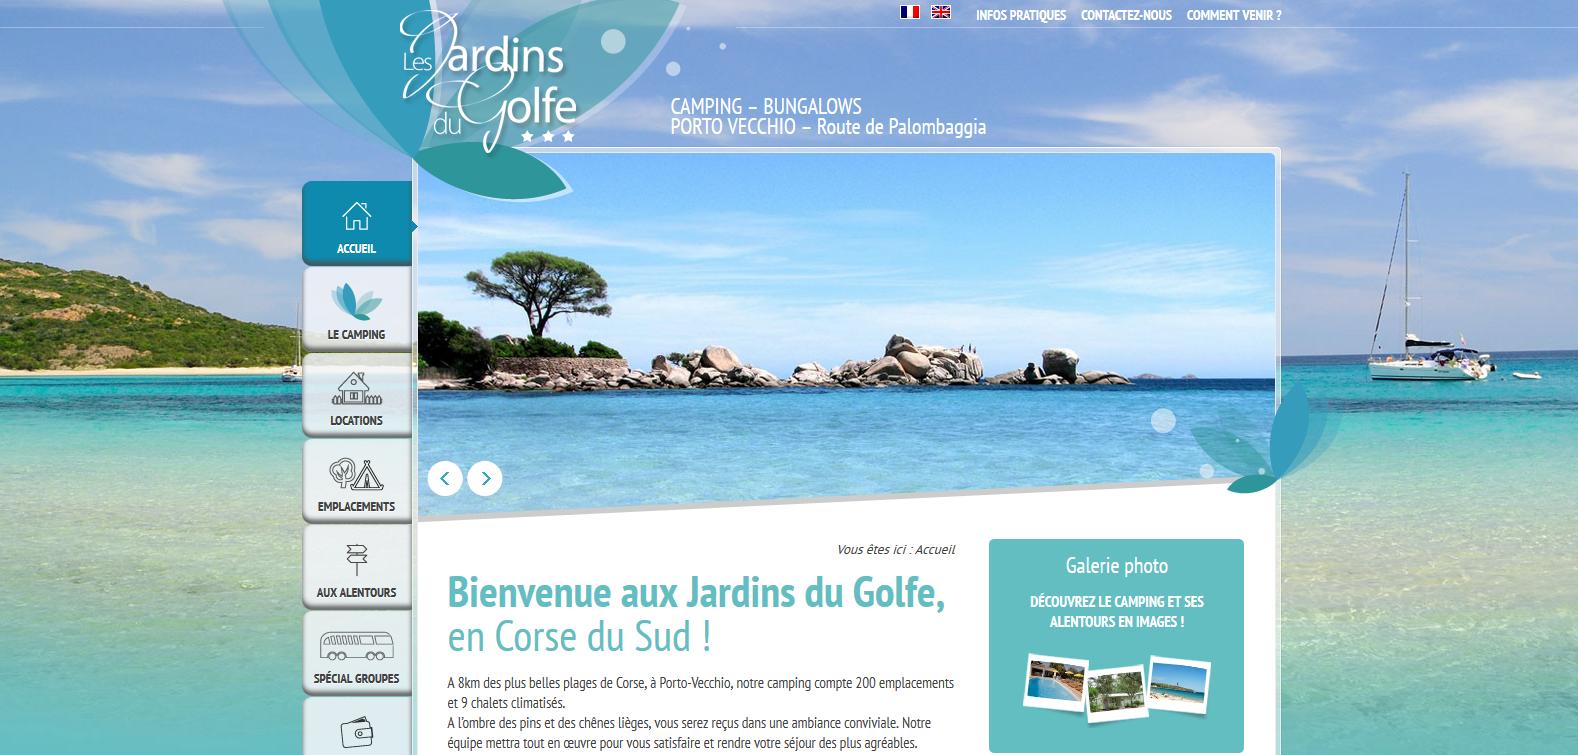 Les jardins du golfe trouvez le meilleur camping corse - Les jardins du golfe porto vecchio ...